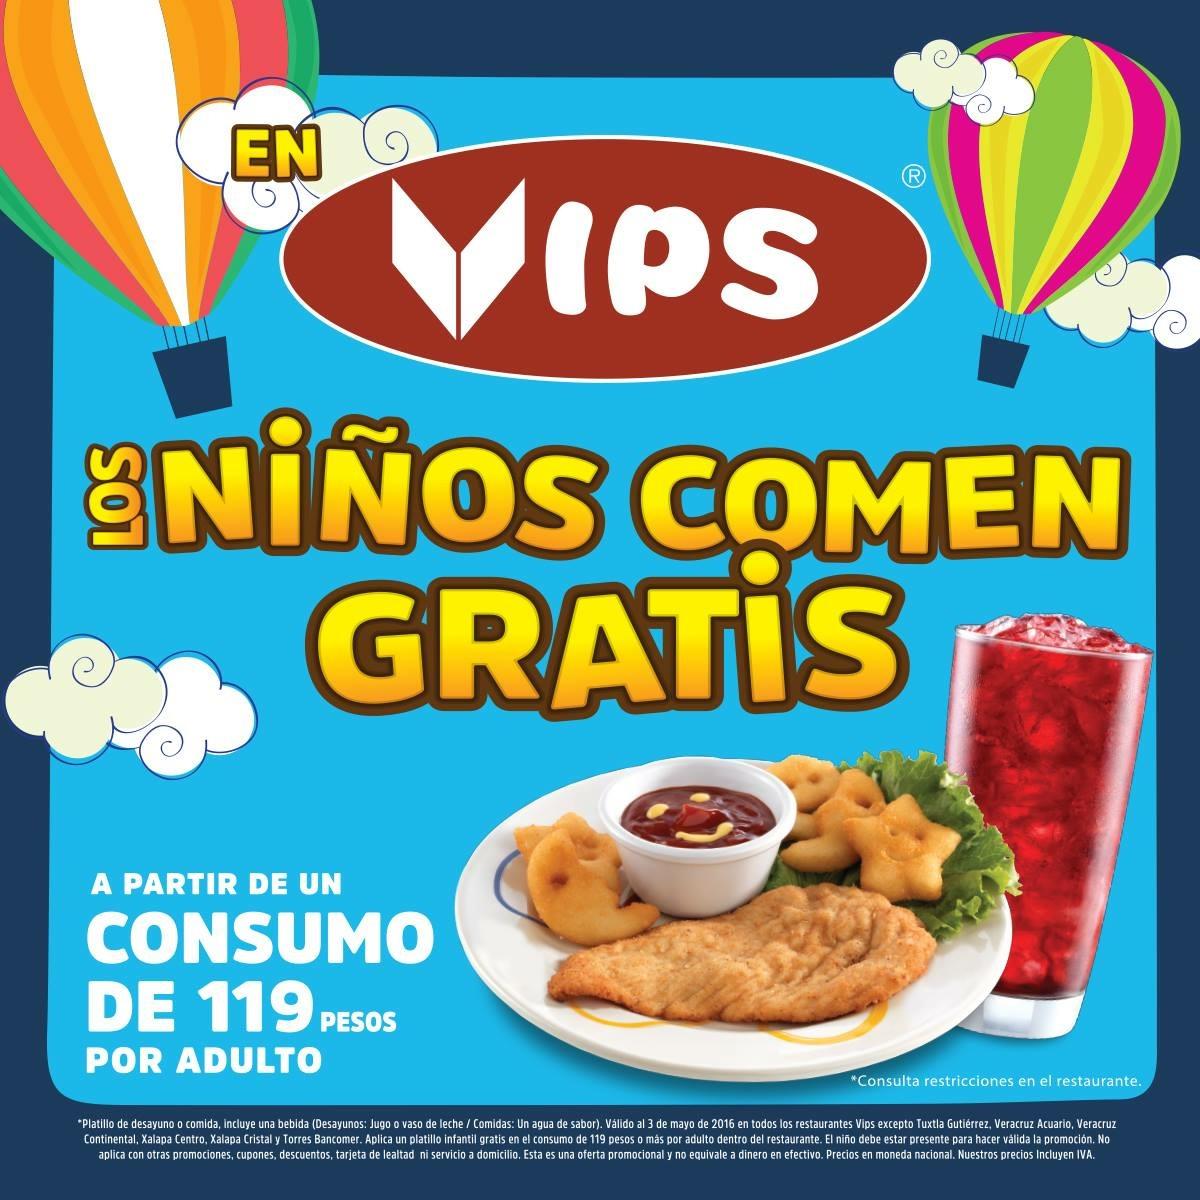 Vips: comida GRATIS para niño en consumo de $119 de un adulto